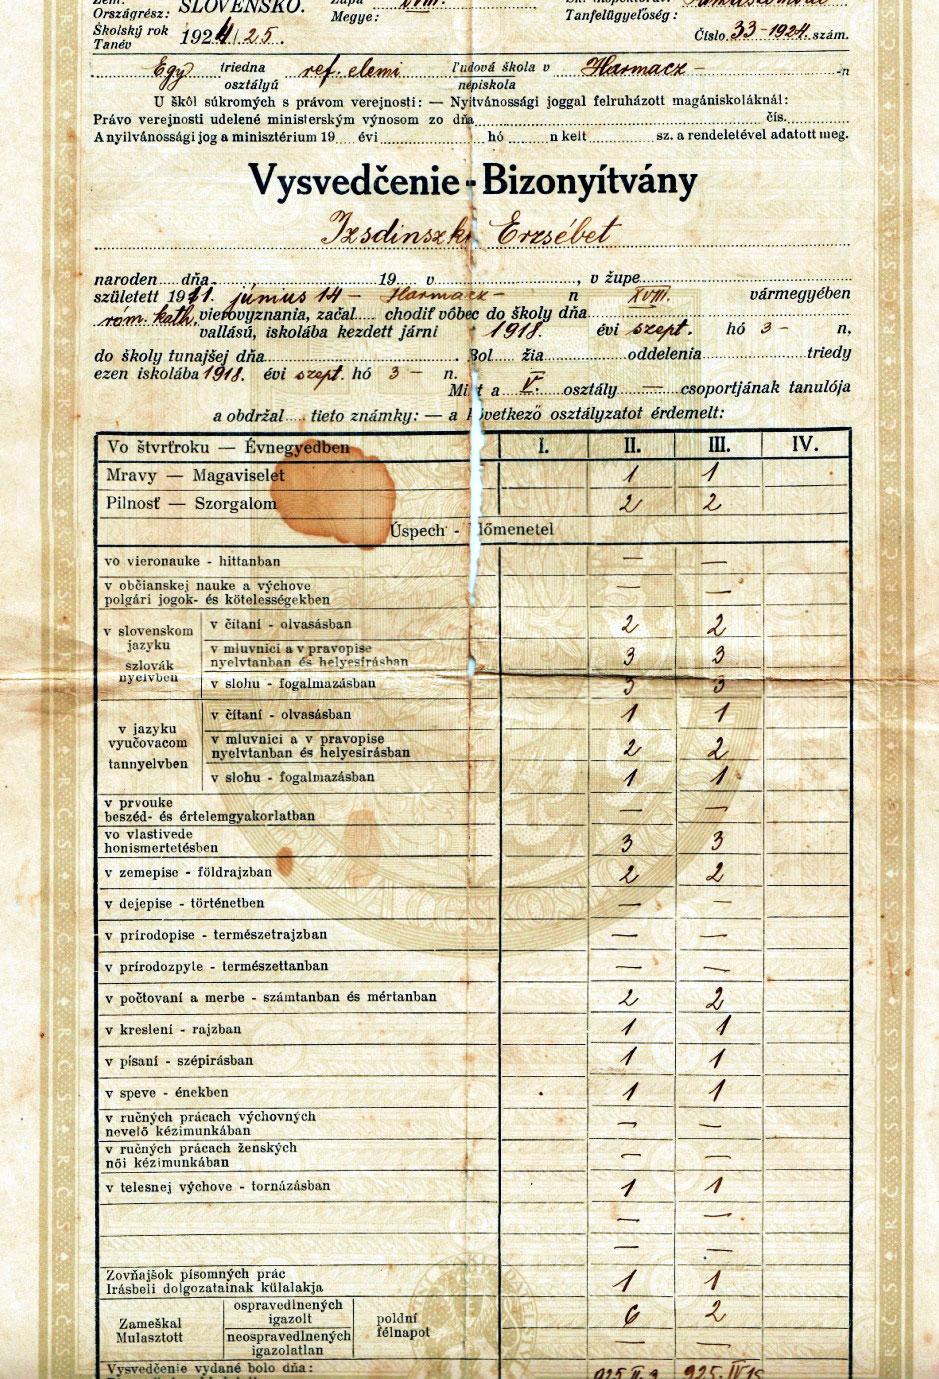 Édesanyám, Isdinszky Erzsébet elemi iskolai bizonyítványa